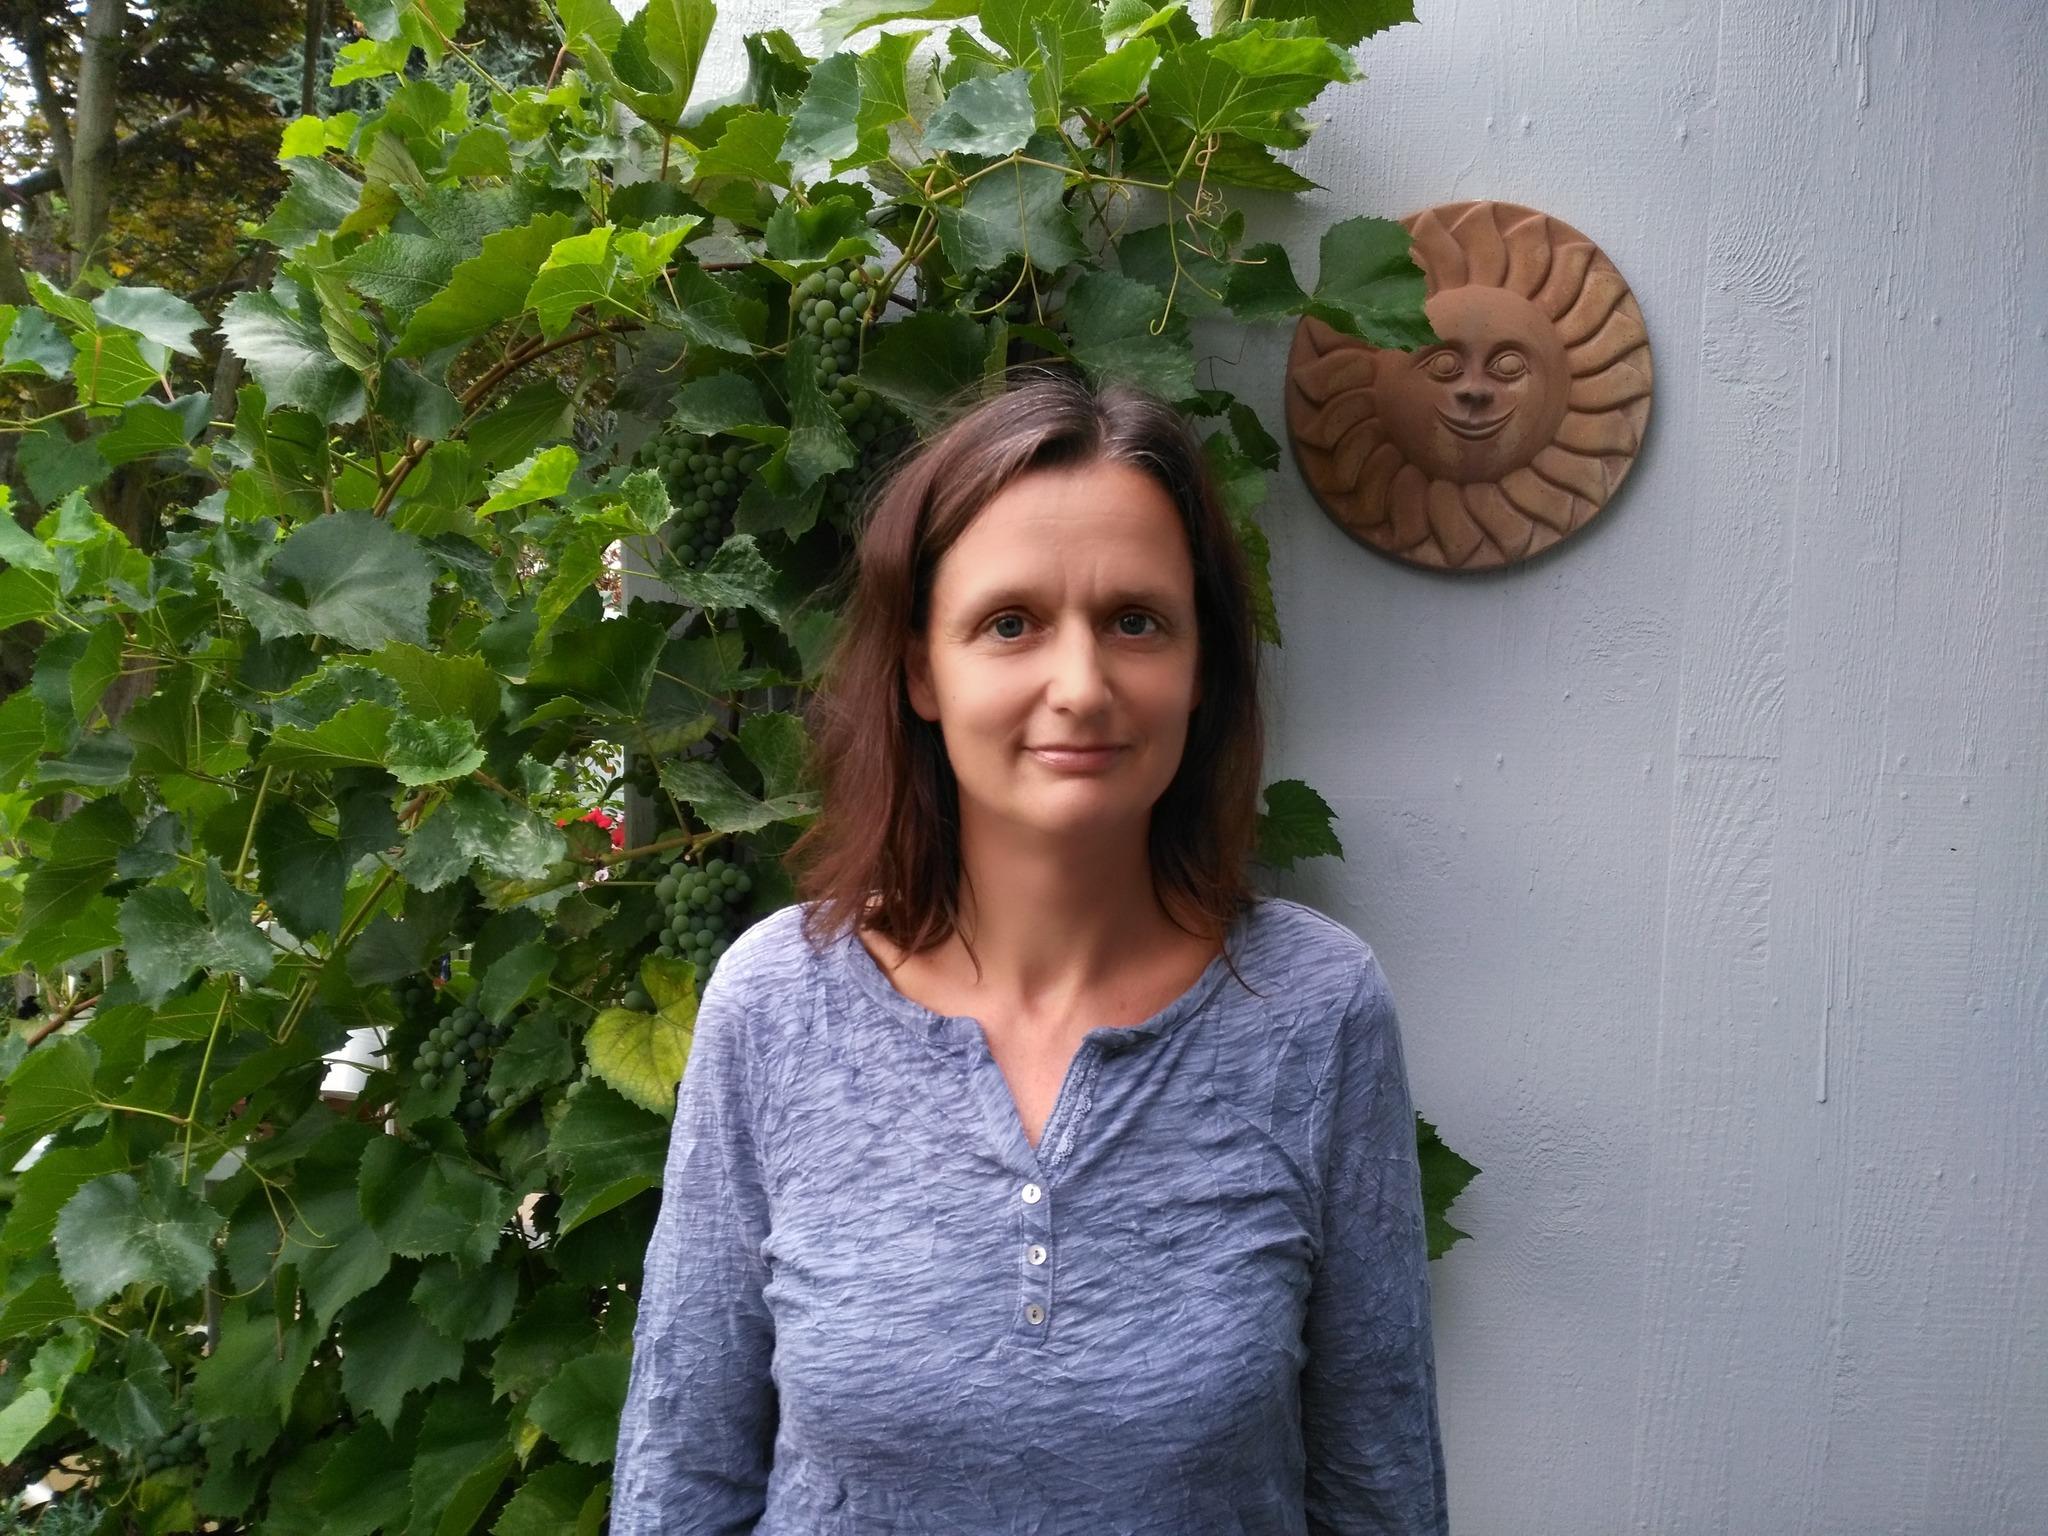 Monika Strauch ist seit März Geschäftsführerin des Vereins Frauen helfen Frauen Ortenau e. V., der auch das Frauenhaus betreibt.